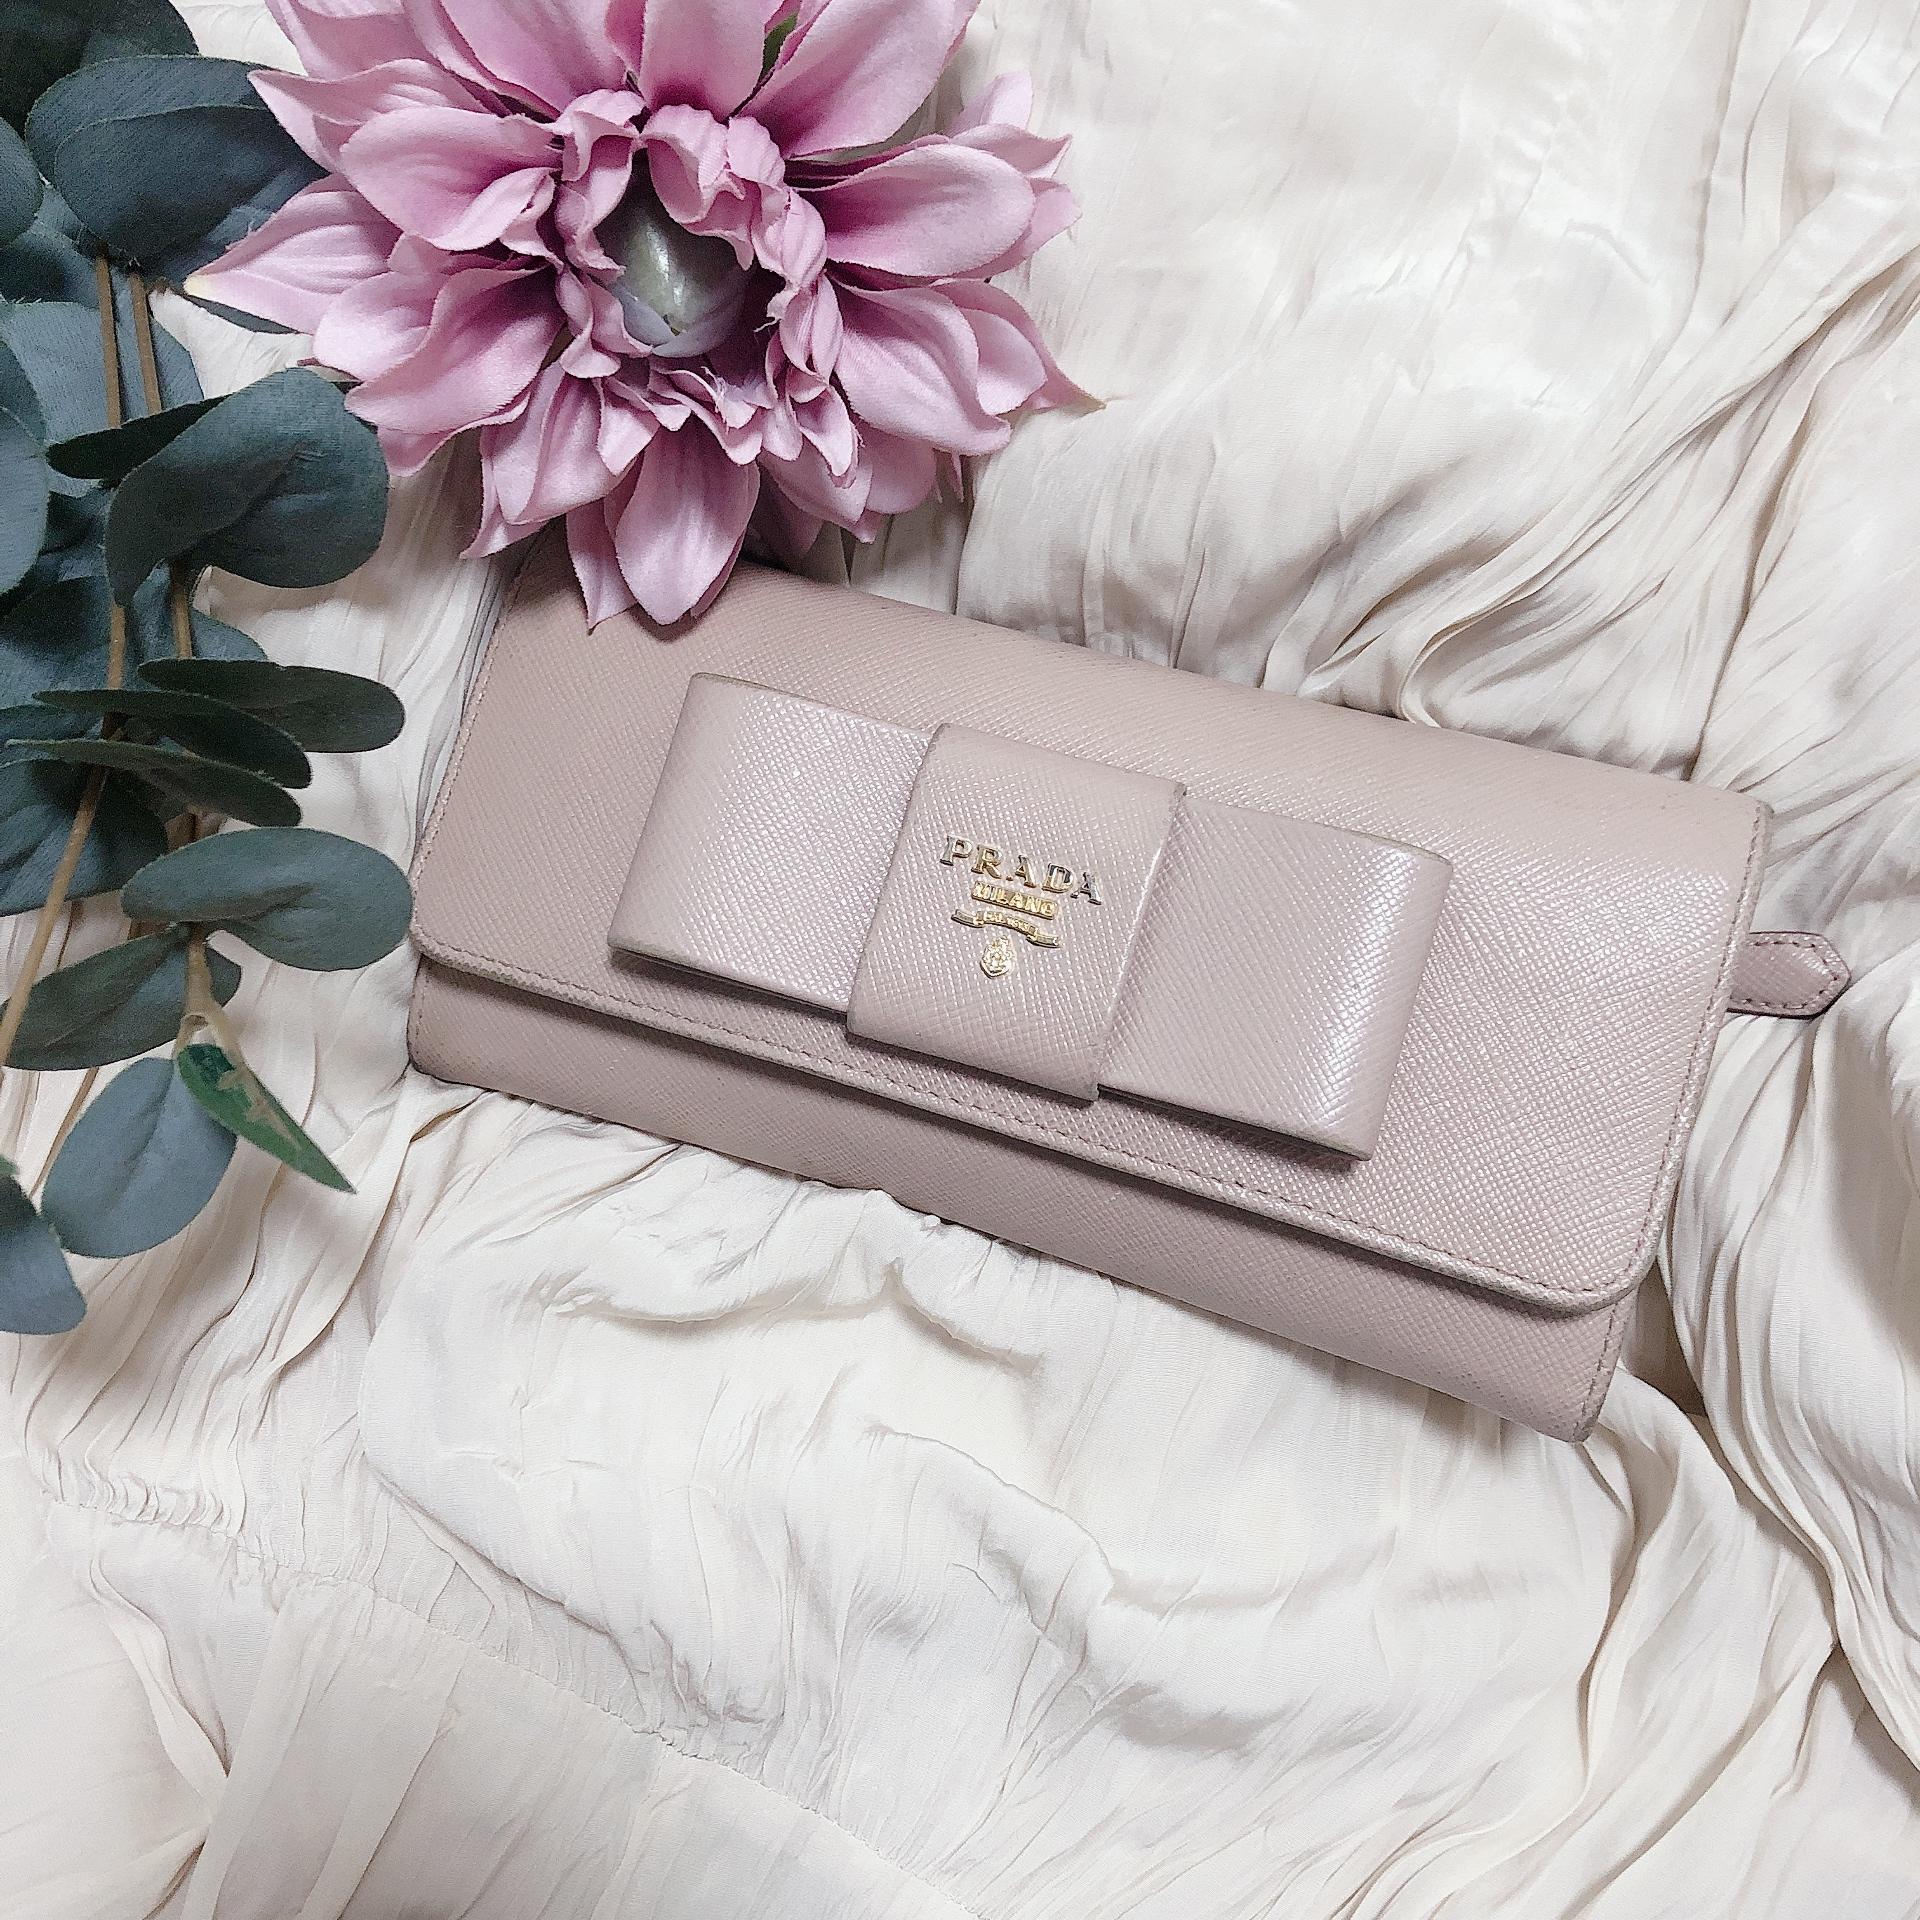 【20代女子の愛用財布】わたしは王道の《 PRADA 》の長財布!!❤︎❤︎_1